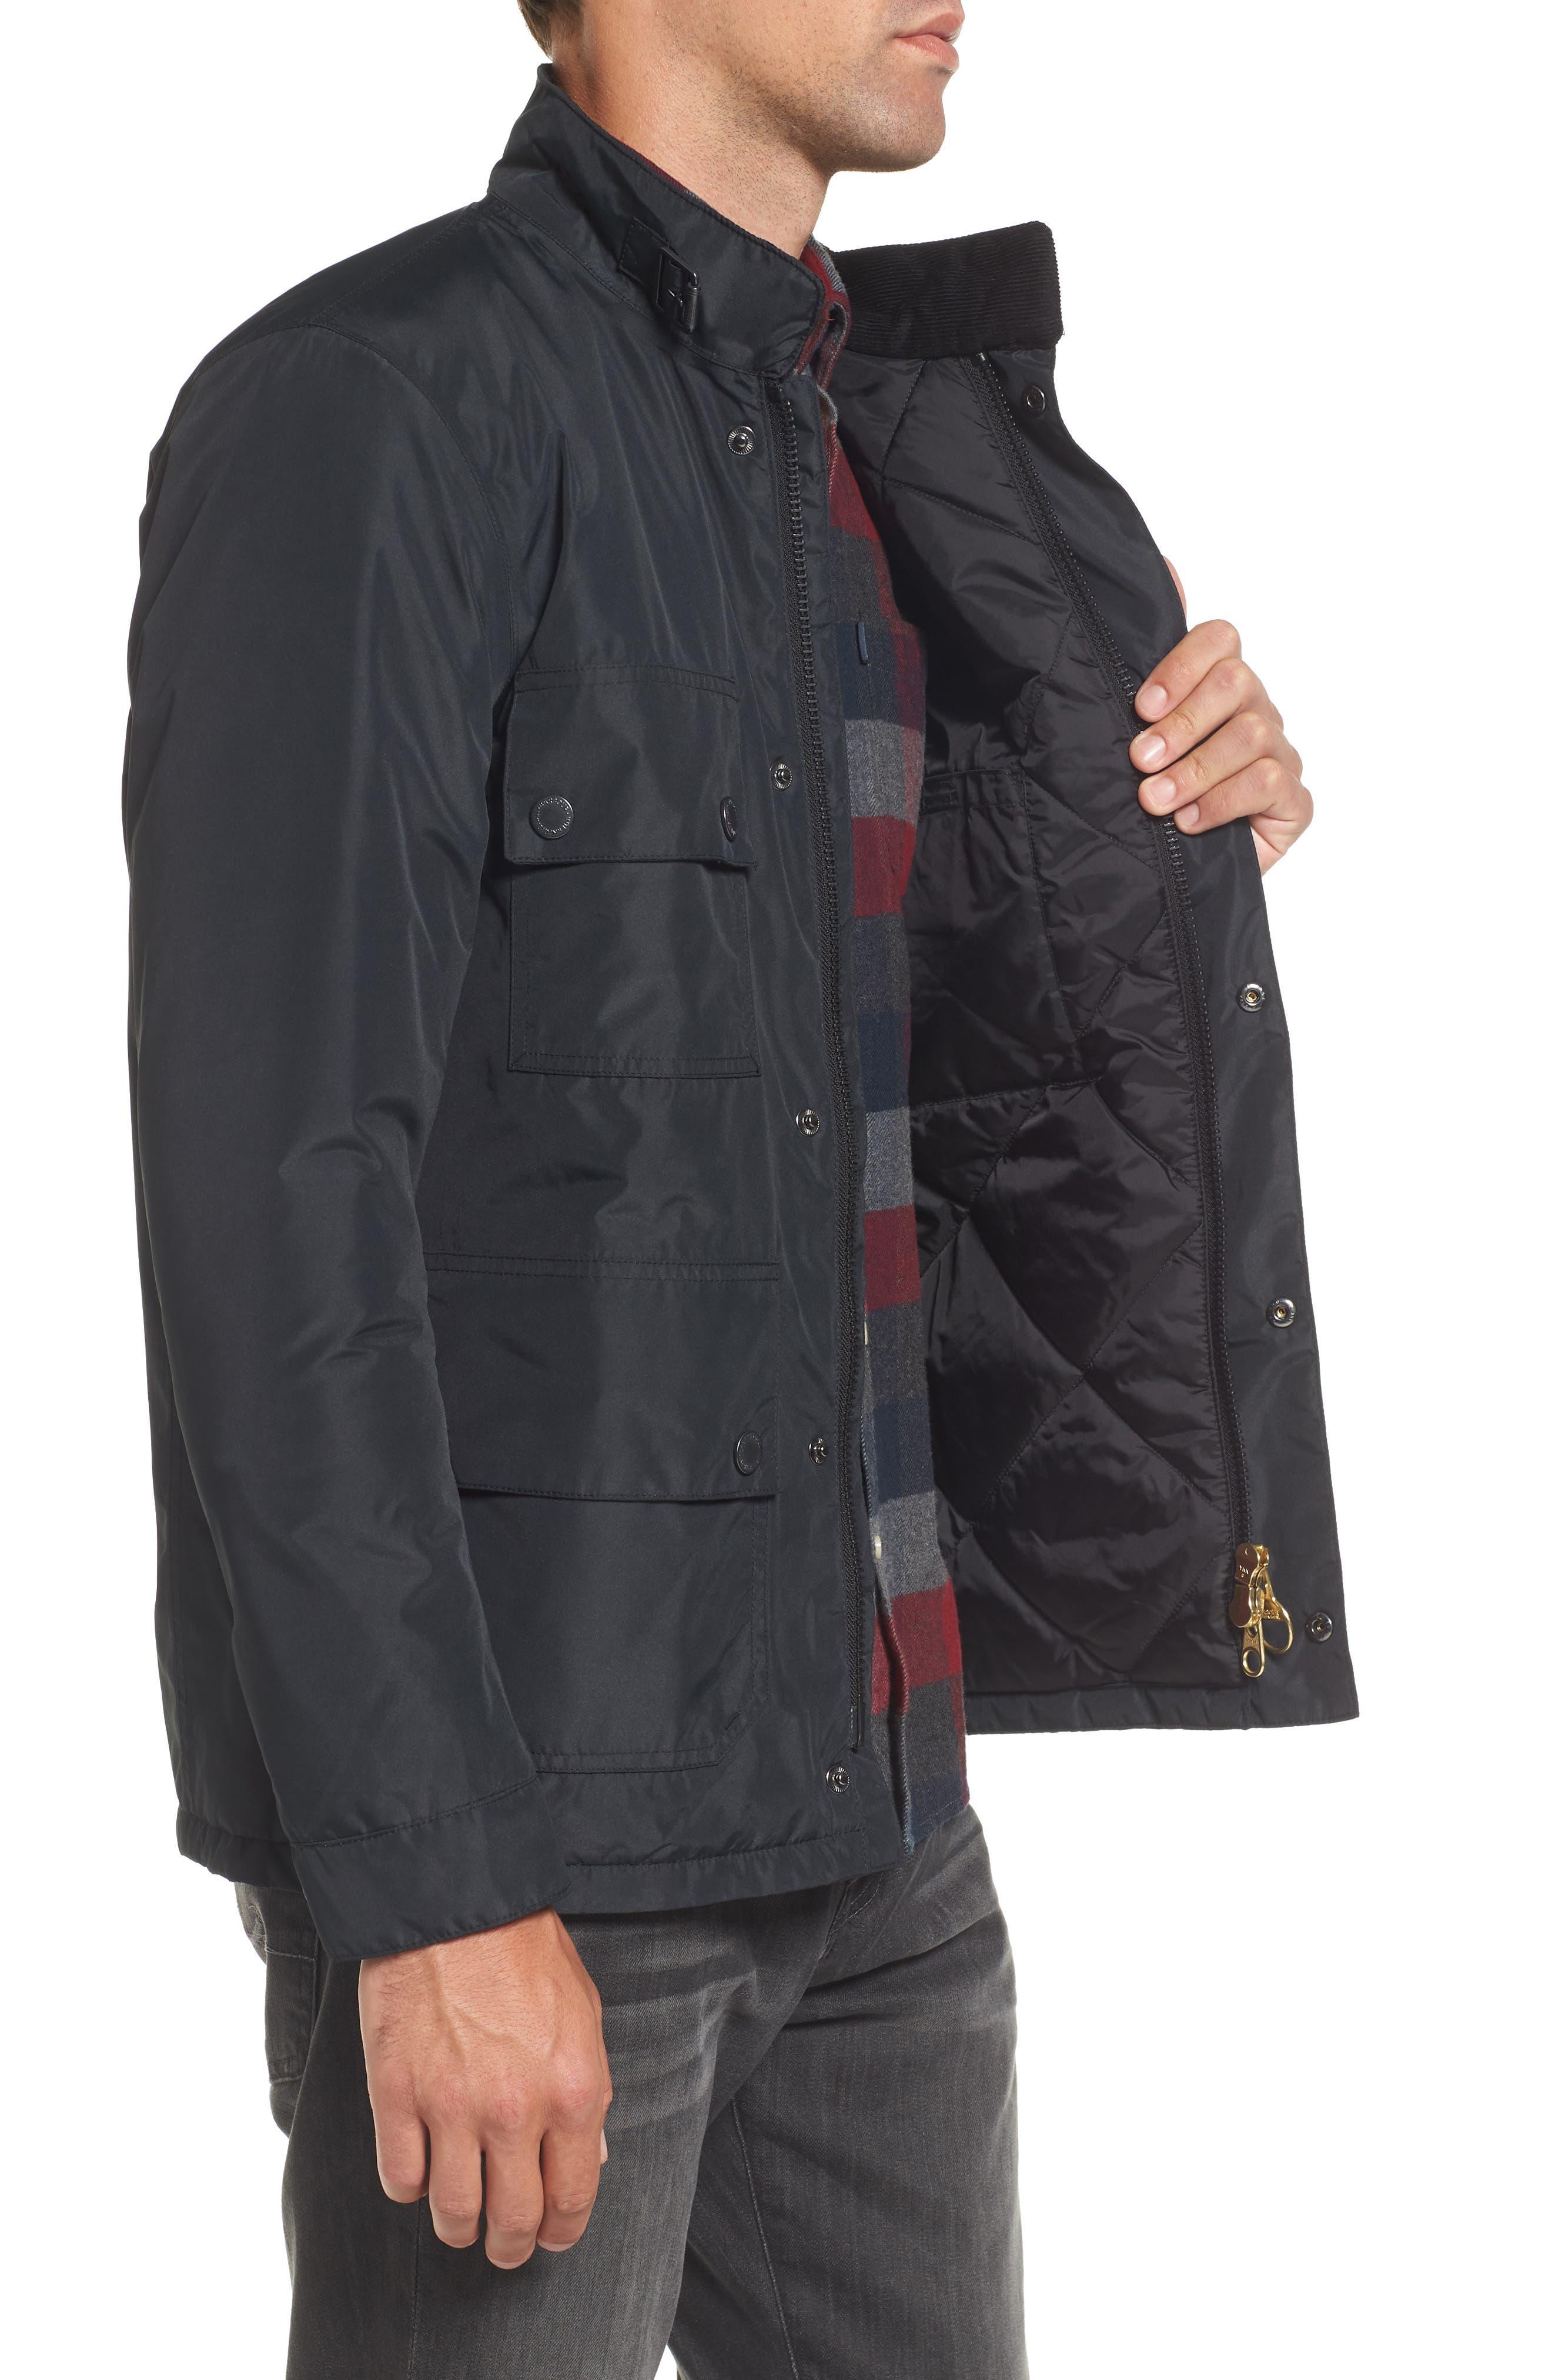 B.Intl Tyne Waterproof Jacket,                             Alternate thumbnail 3, color,                             Black